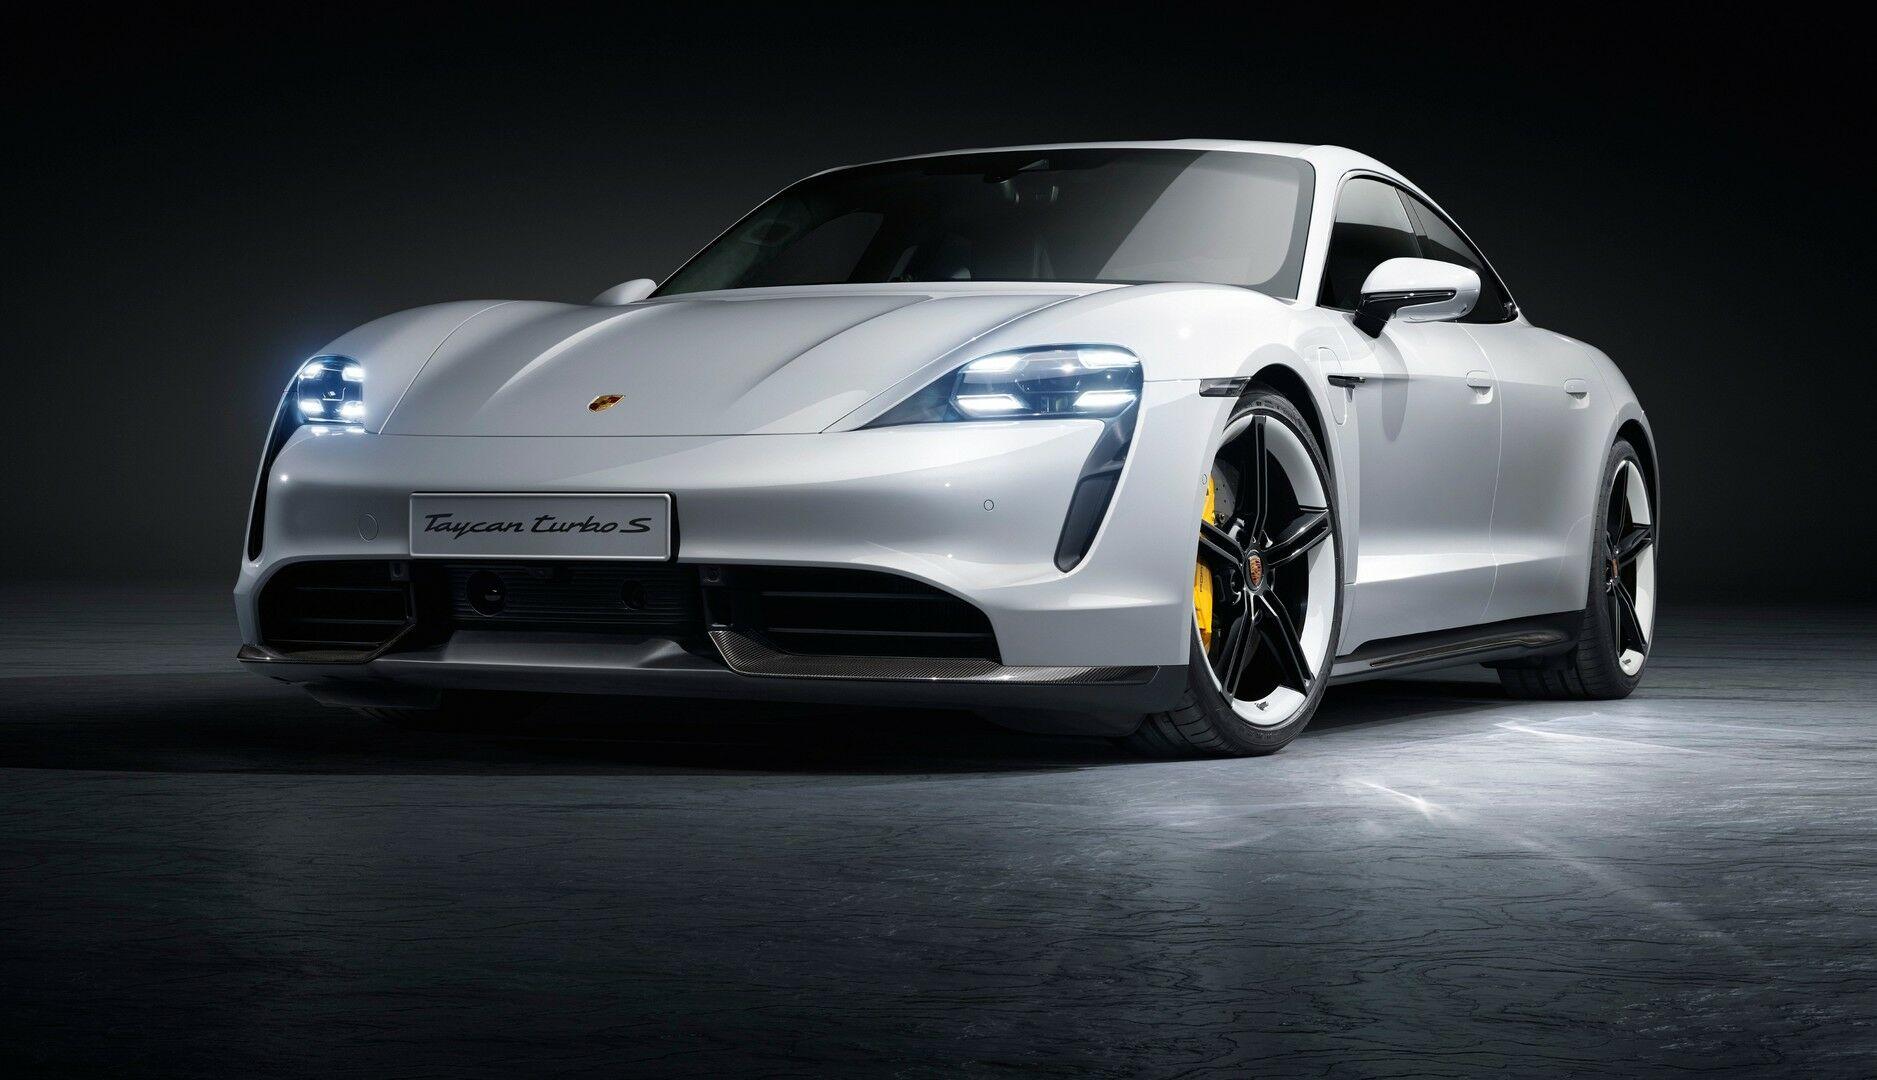 """""""Mes visada būsime kietesni [už Tesla]"""": """"Porsche"""" vadovo mintys apie """"Tesla"""", padėka Elonui ir kodėl nesulauksime elektrinio """"911"""", bet hibrido – galbūt"""